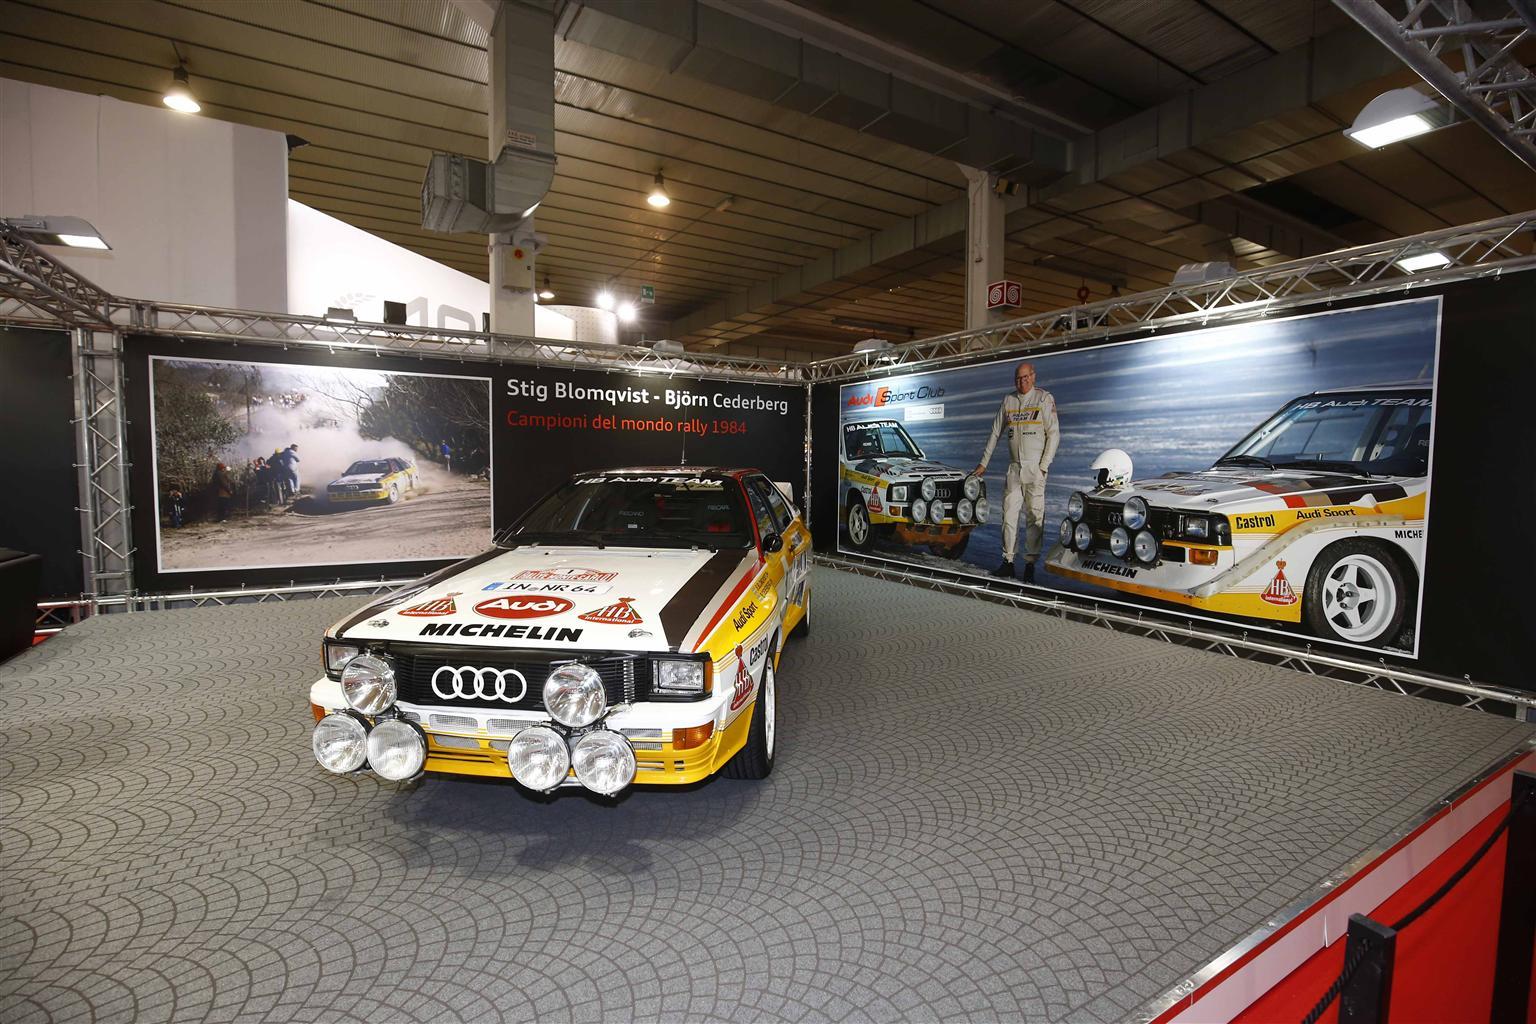 Audi celebra la trazione quattro